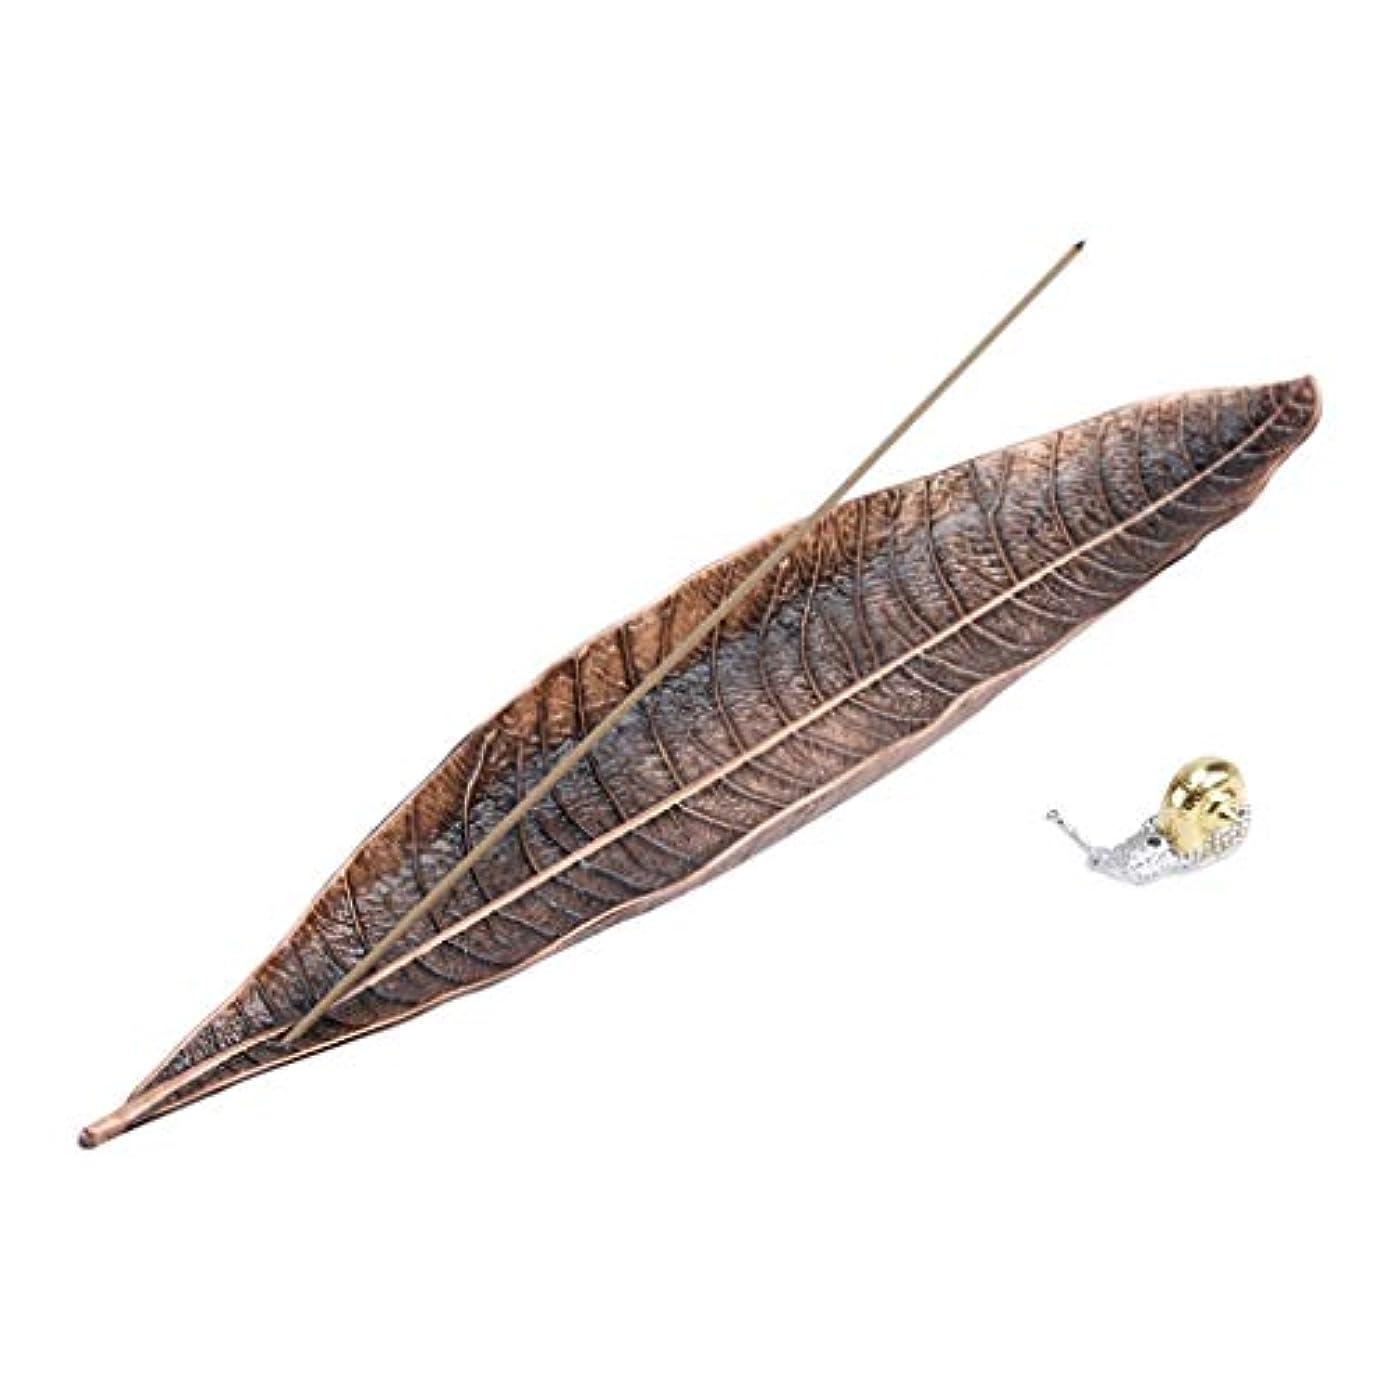 複製する実行村ホームアロマバーナー カタツムリの香の棒のホールダーの家の装飾の付属品が付いている葉の香のホールダーの灰のキャッチャーの長い香バーナー 芳香器アロマバーナー (Color : A)